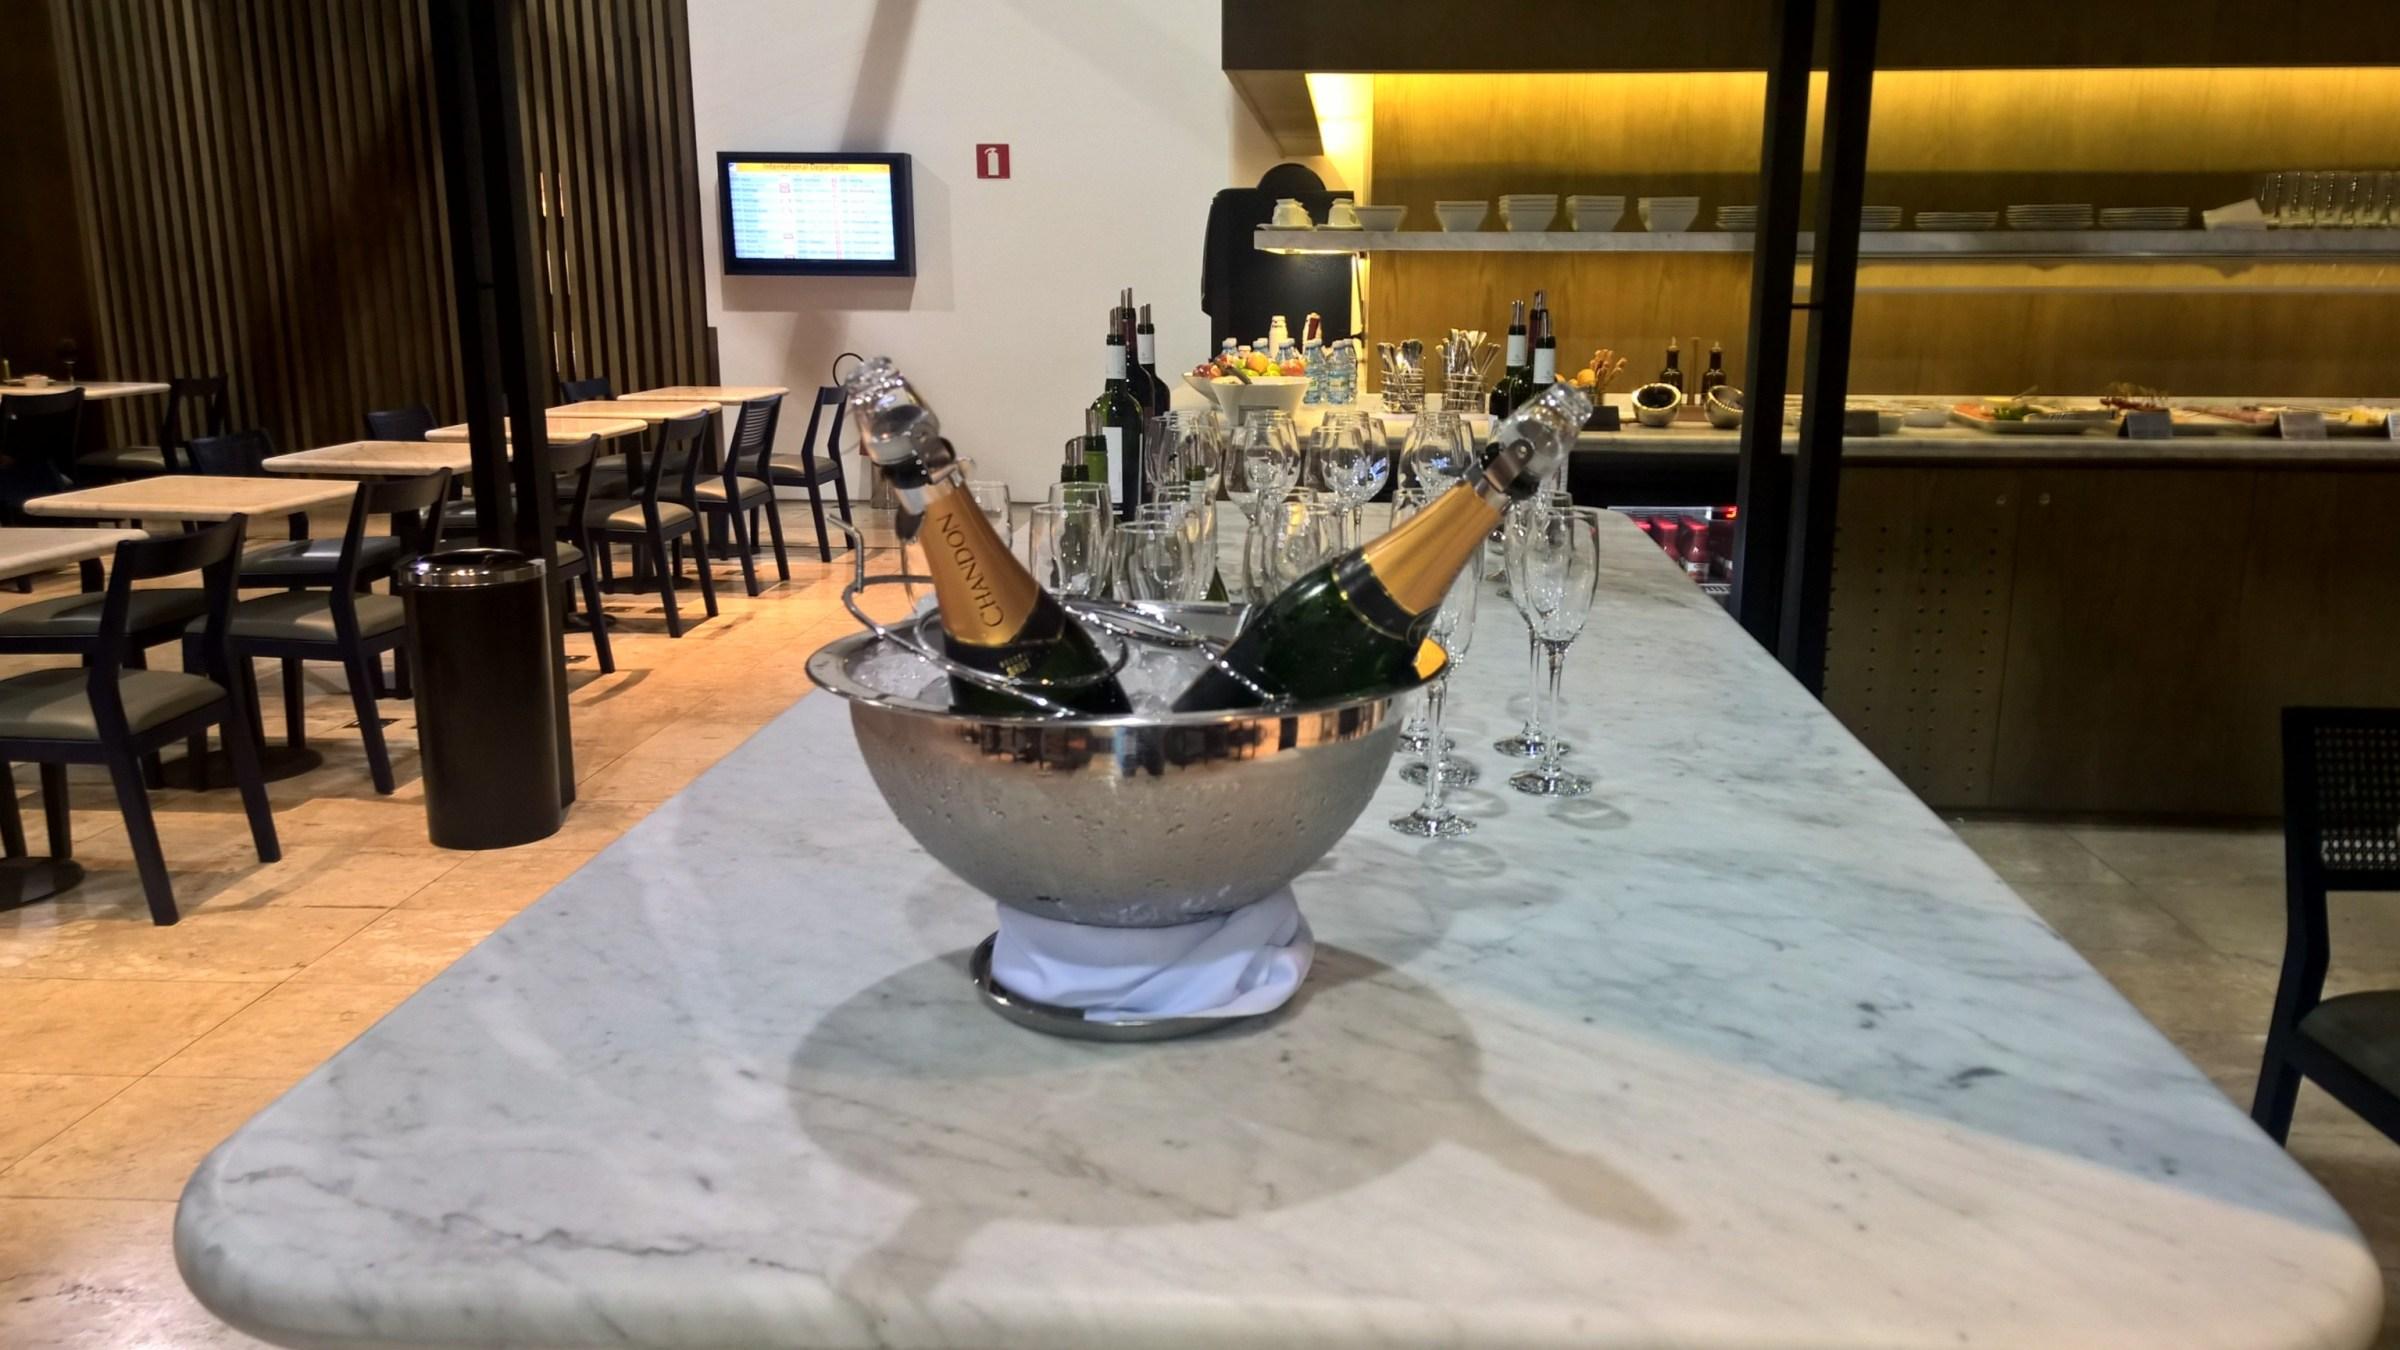 LATAM Lounge Sao Paulo Buffet